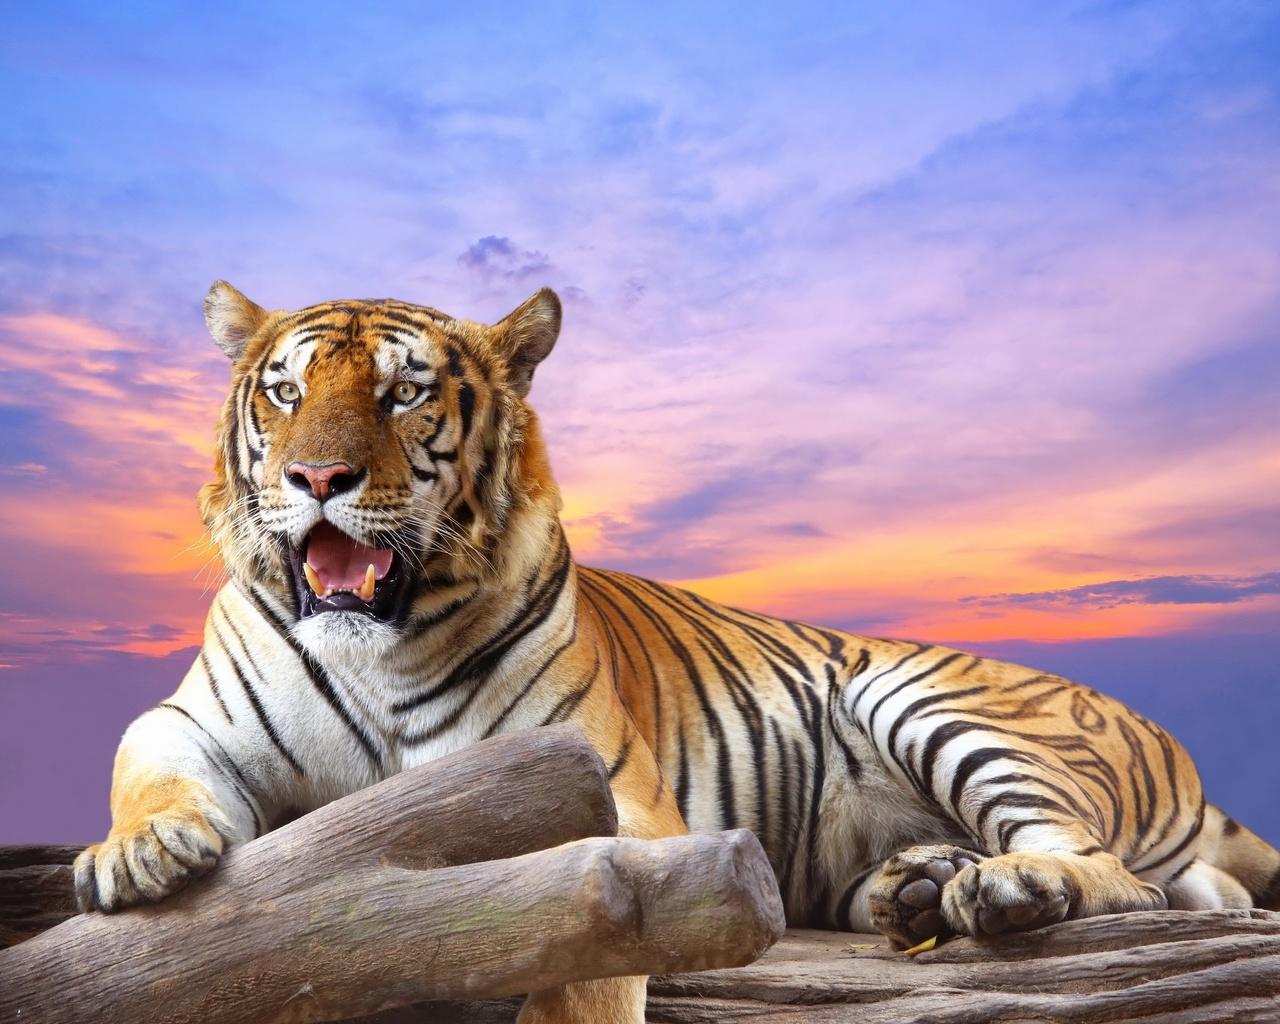 Днем, картинка с тиграми